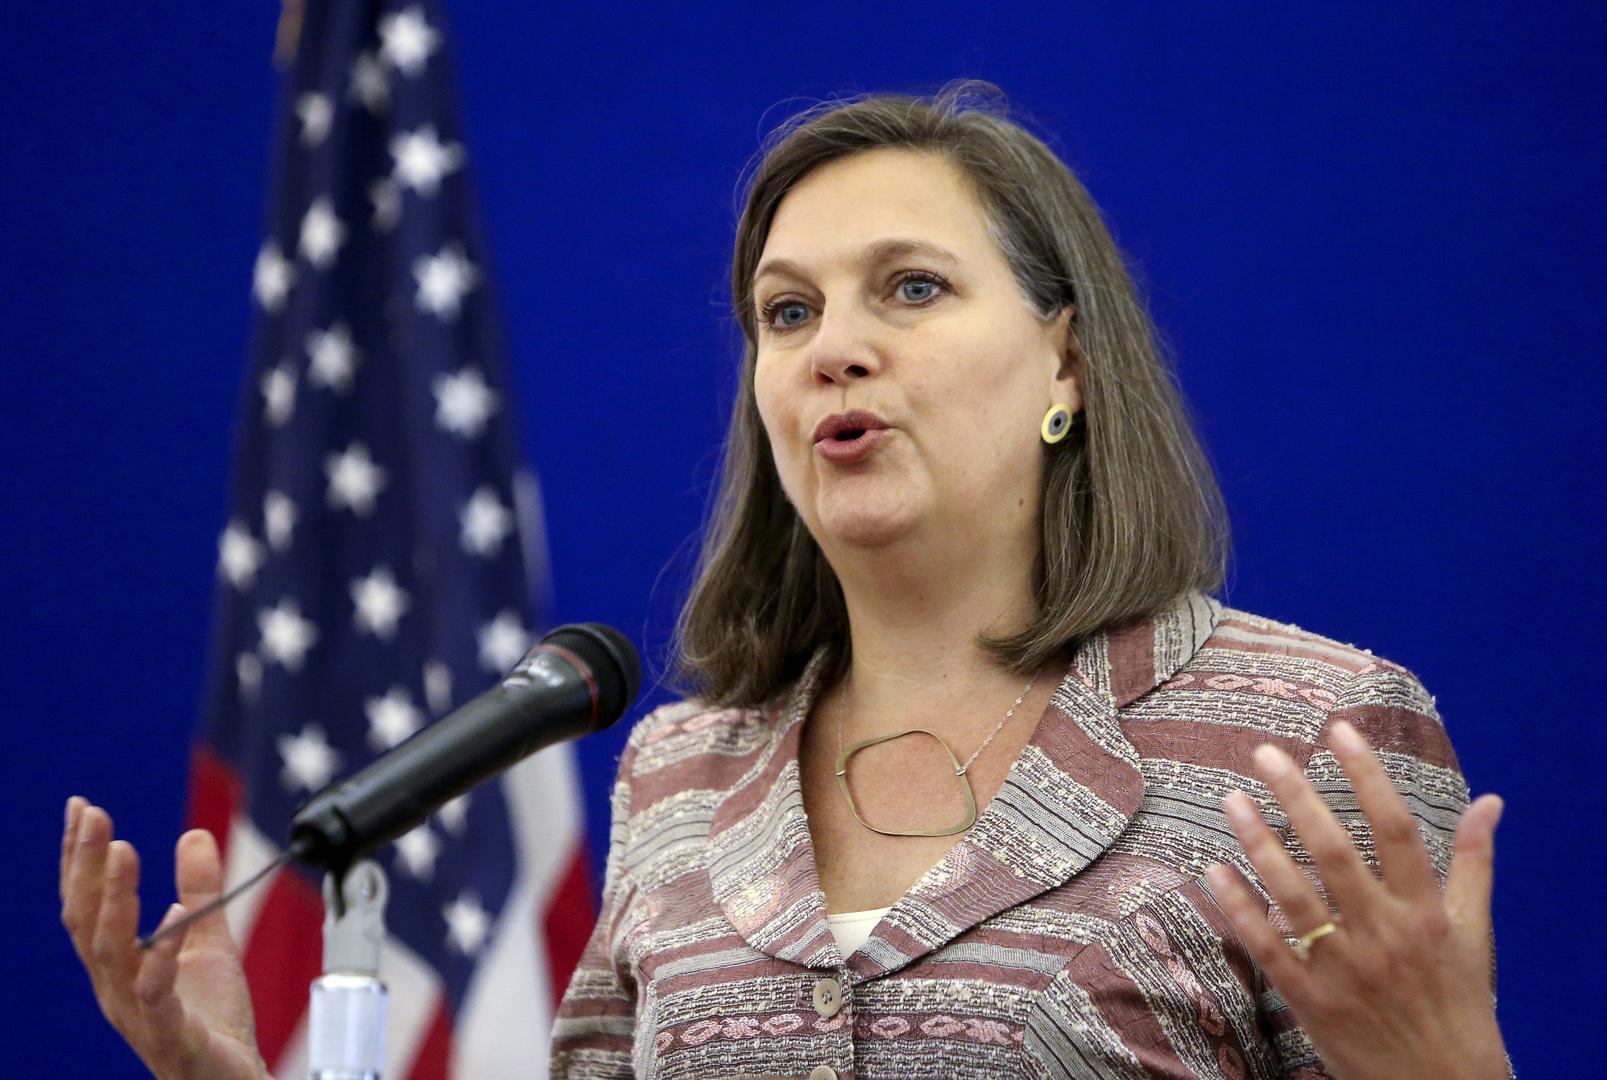 نائبة وزير الخارجية الأمريكي للشؤون السياسية فيكتوريا نولاند